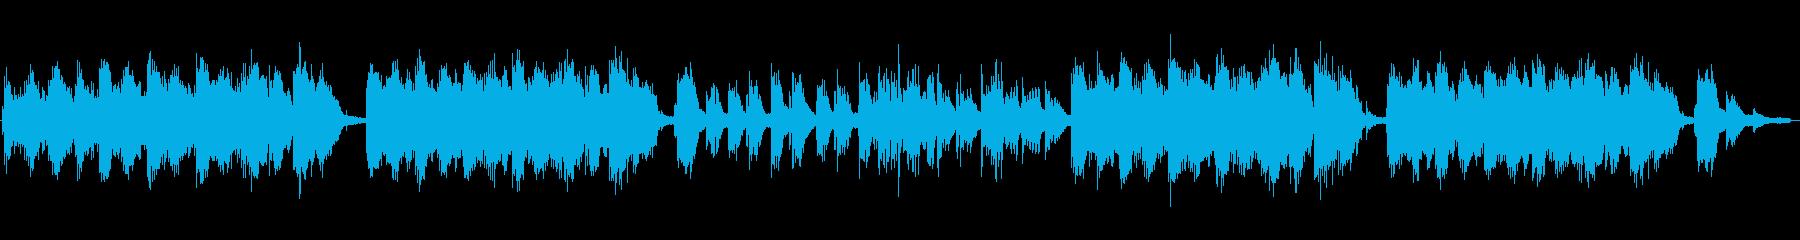 現代的で和風な曲の再生済みの波形